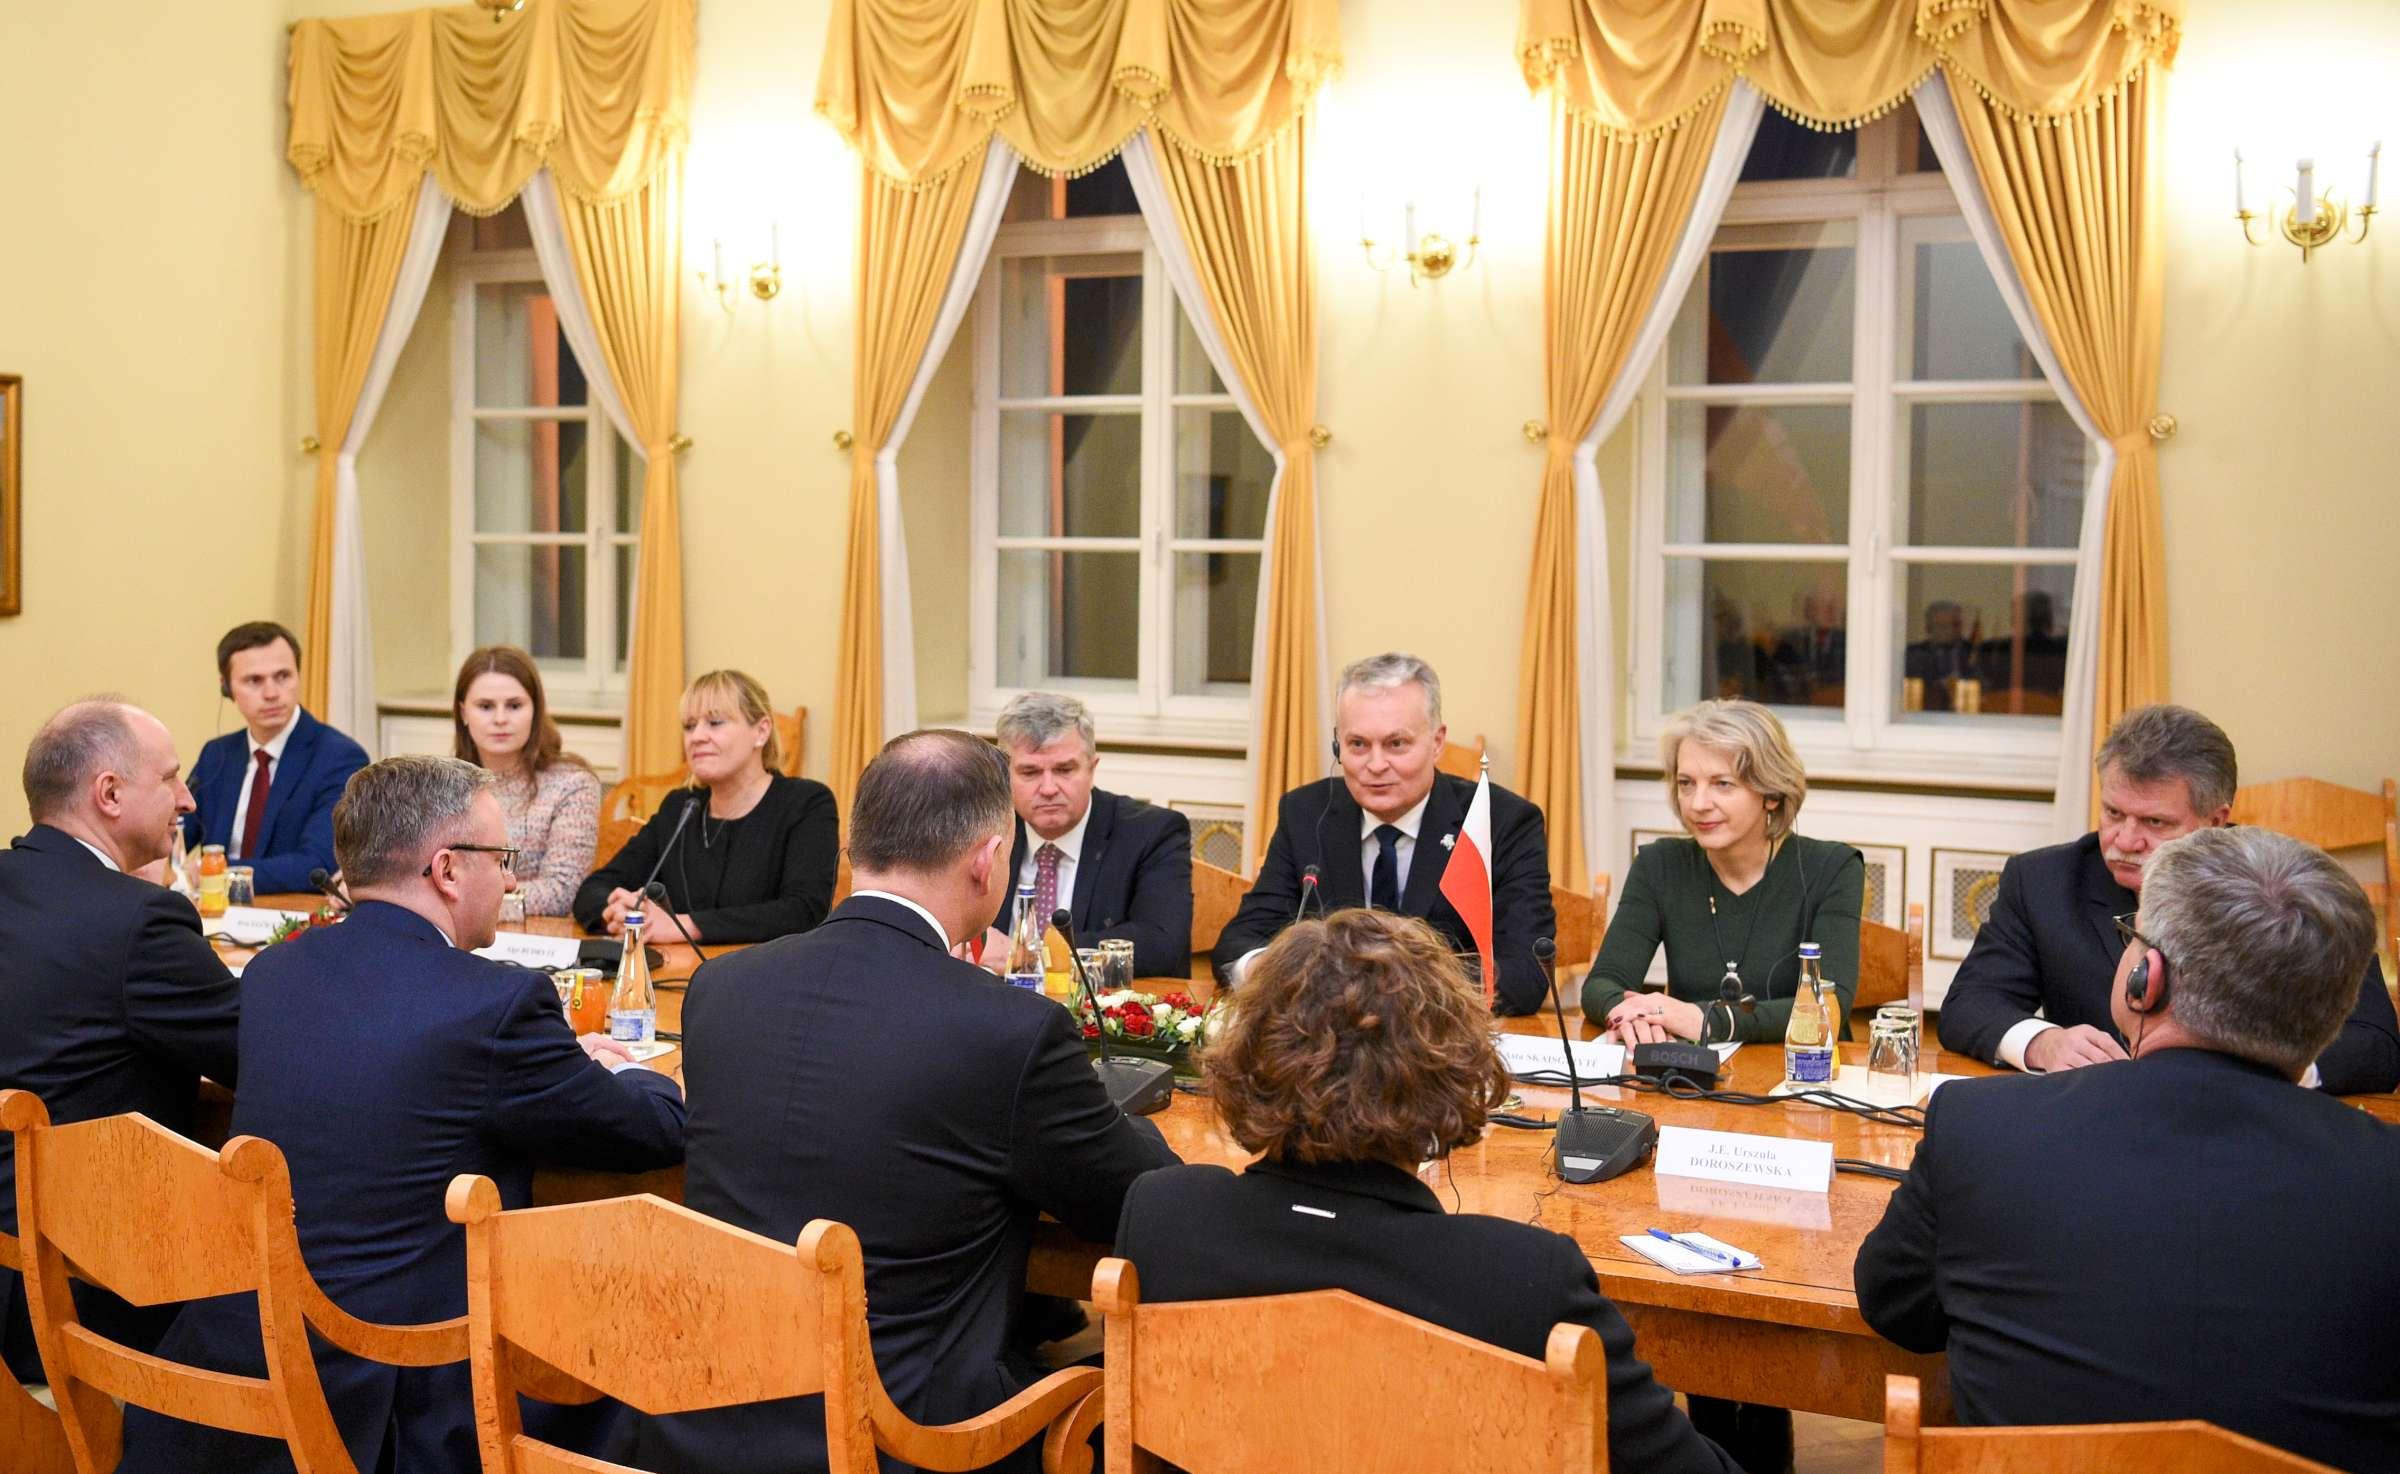 Susitiko Lietuvos ir Lenkijos prezidentai | lrp.lt, R. Dačkaus nuotr.